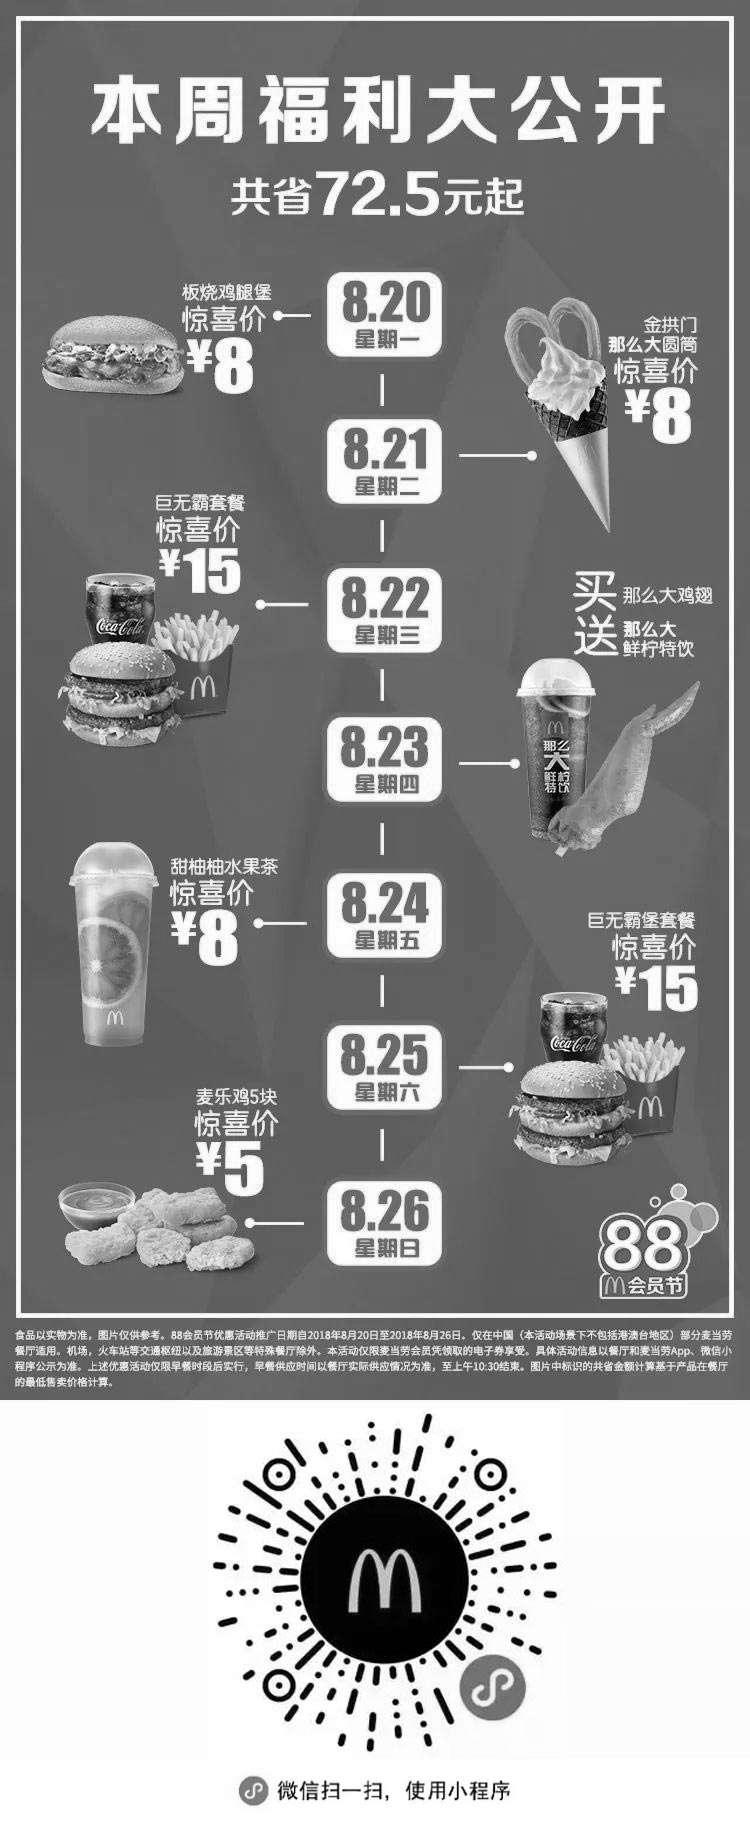 黑白优惠券图片:麦当劳会员节8.20-26优惠券 凭券享5元麦乐鸡、8元汉堡饮料甜品、15元巨无霸套餐 - www.5ikfc.com